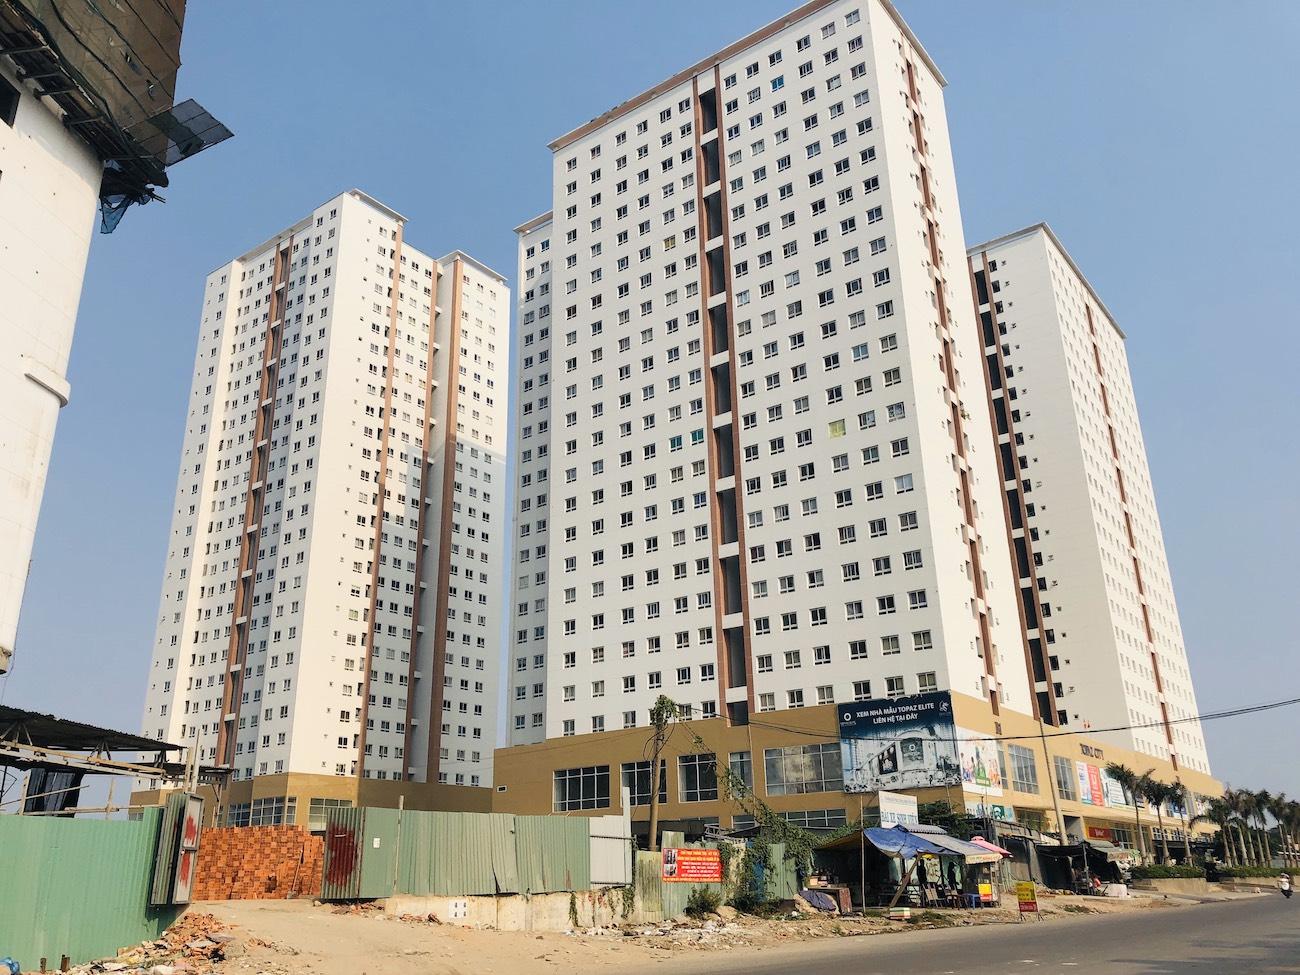 Tiến độ dự án căn hộ chung cư Topaz Elite Quận 8– Liên hệSGD BĐS Lộc Phát Hưng0942.098.890 để nhận mua bán ký gửi, cho thuê căn hộ